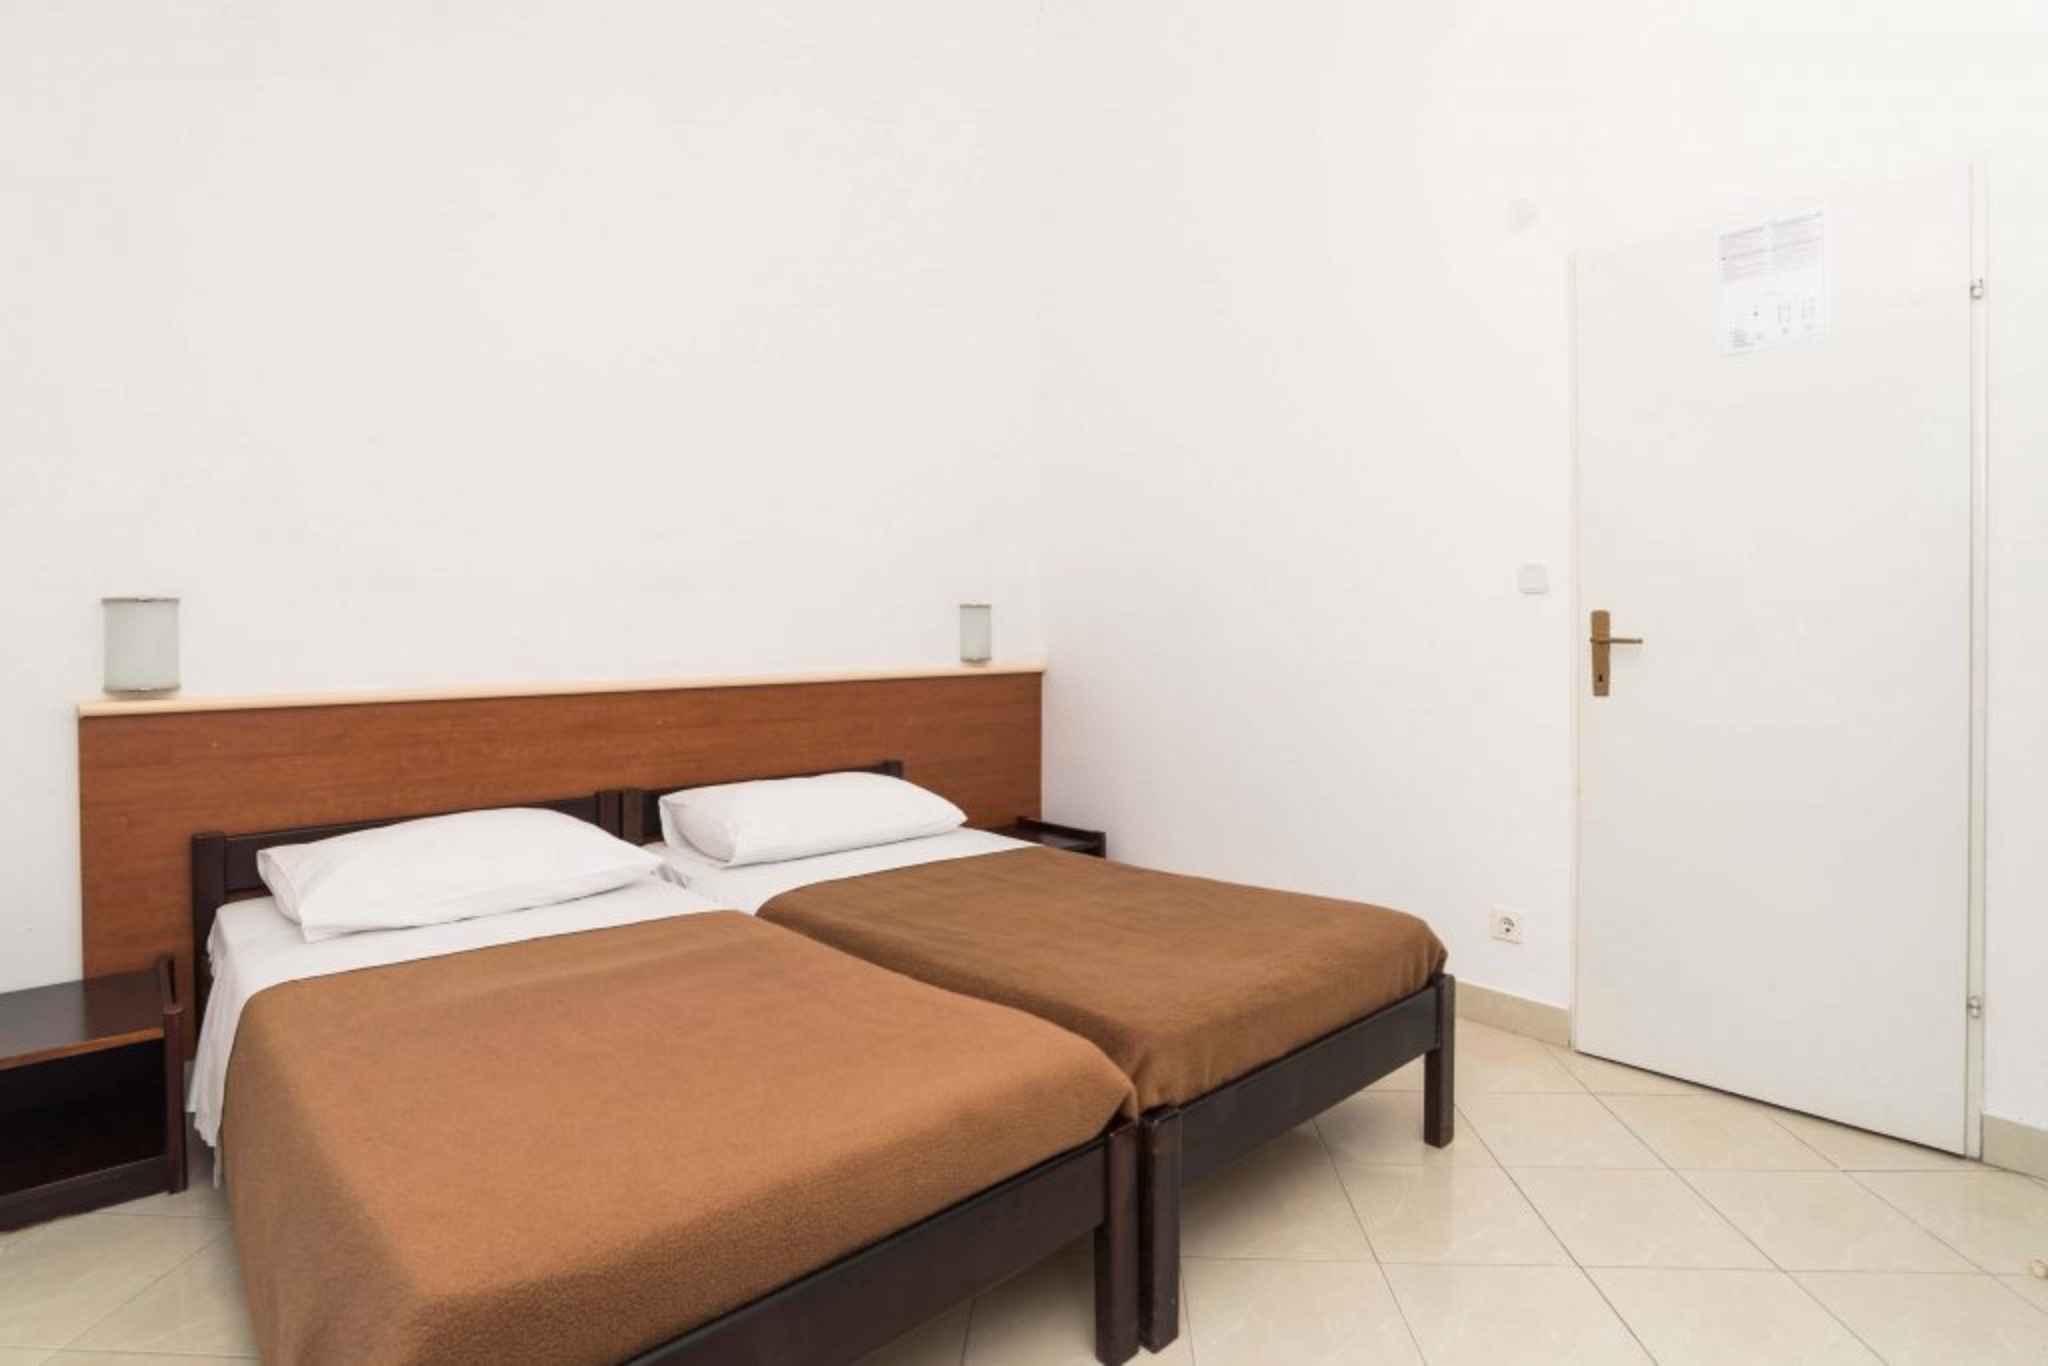 Ferienhaus Bungalow in der Ferienanlage Kanegra (281168), Umag, , Istrien, Kroatien, Bild 8